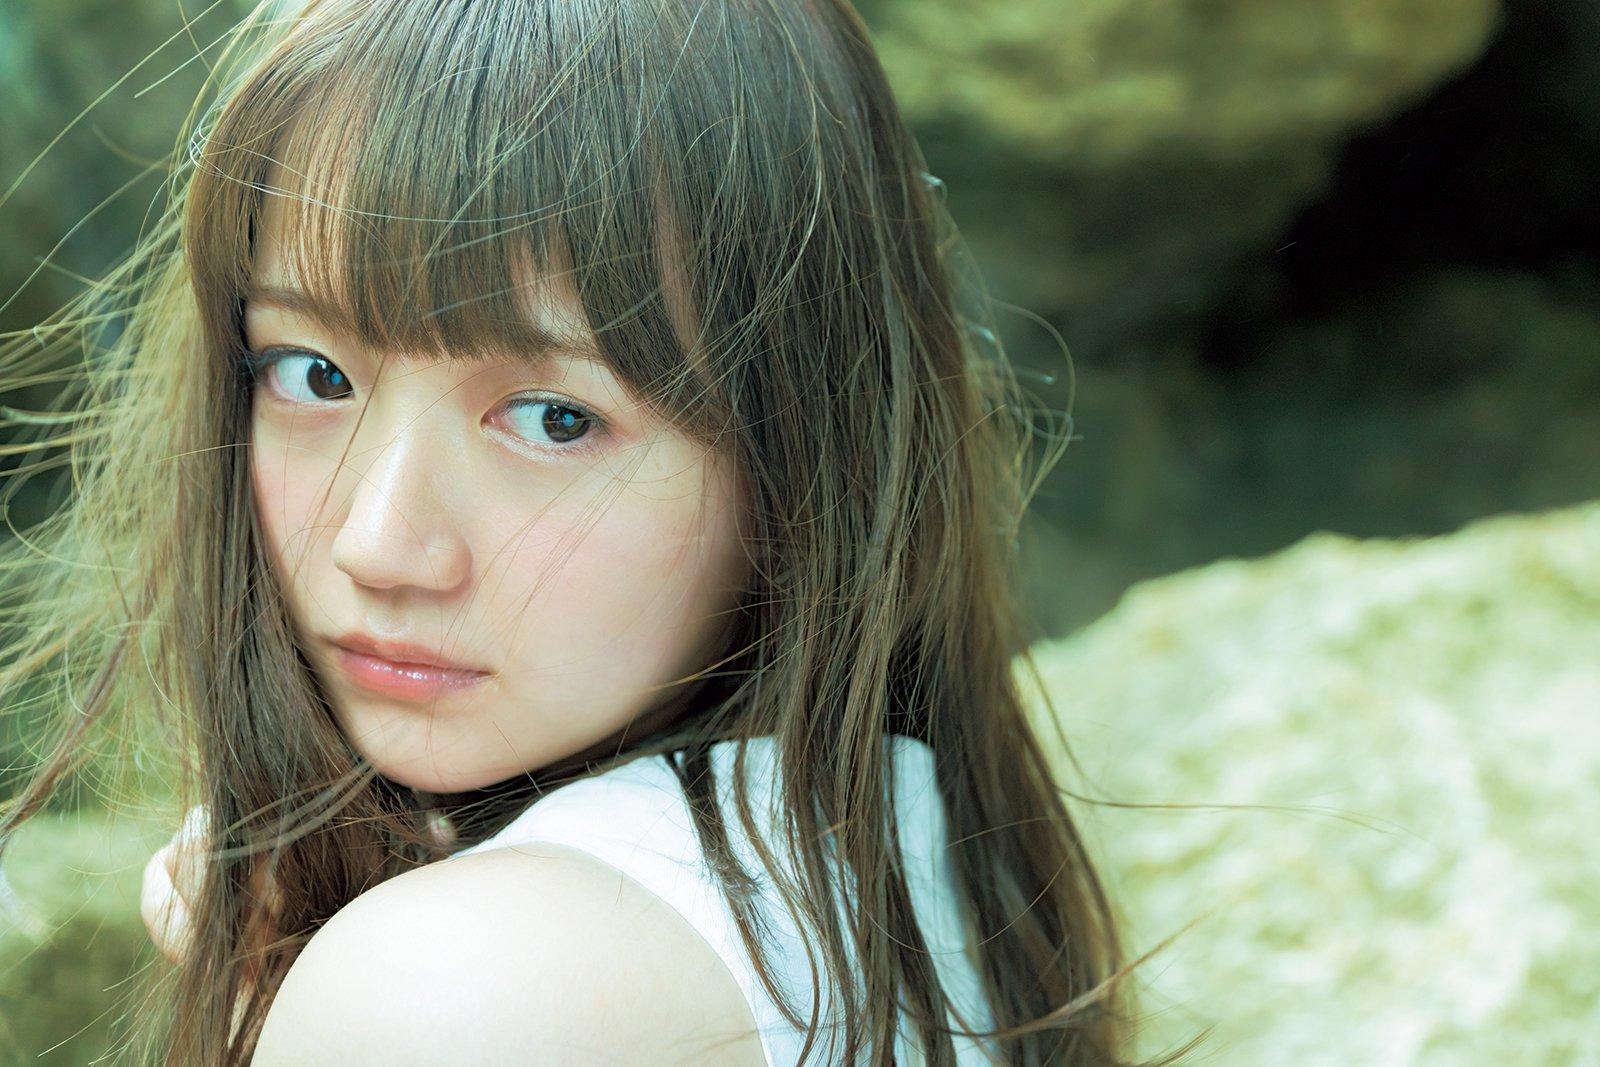 尾崎由香 声优 写真集 薮猫